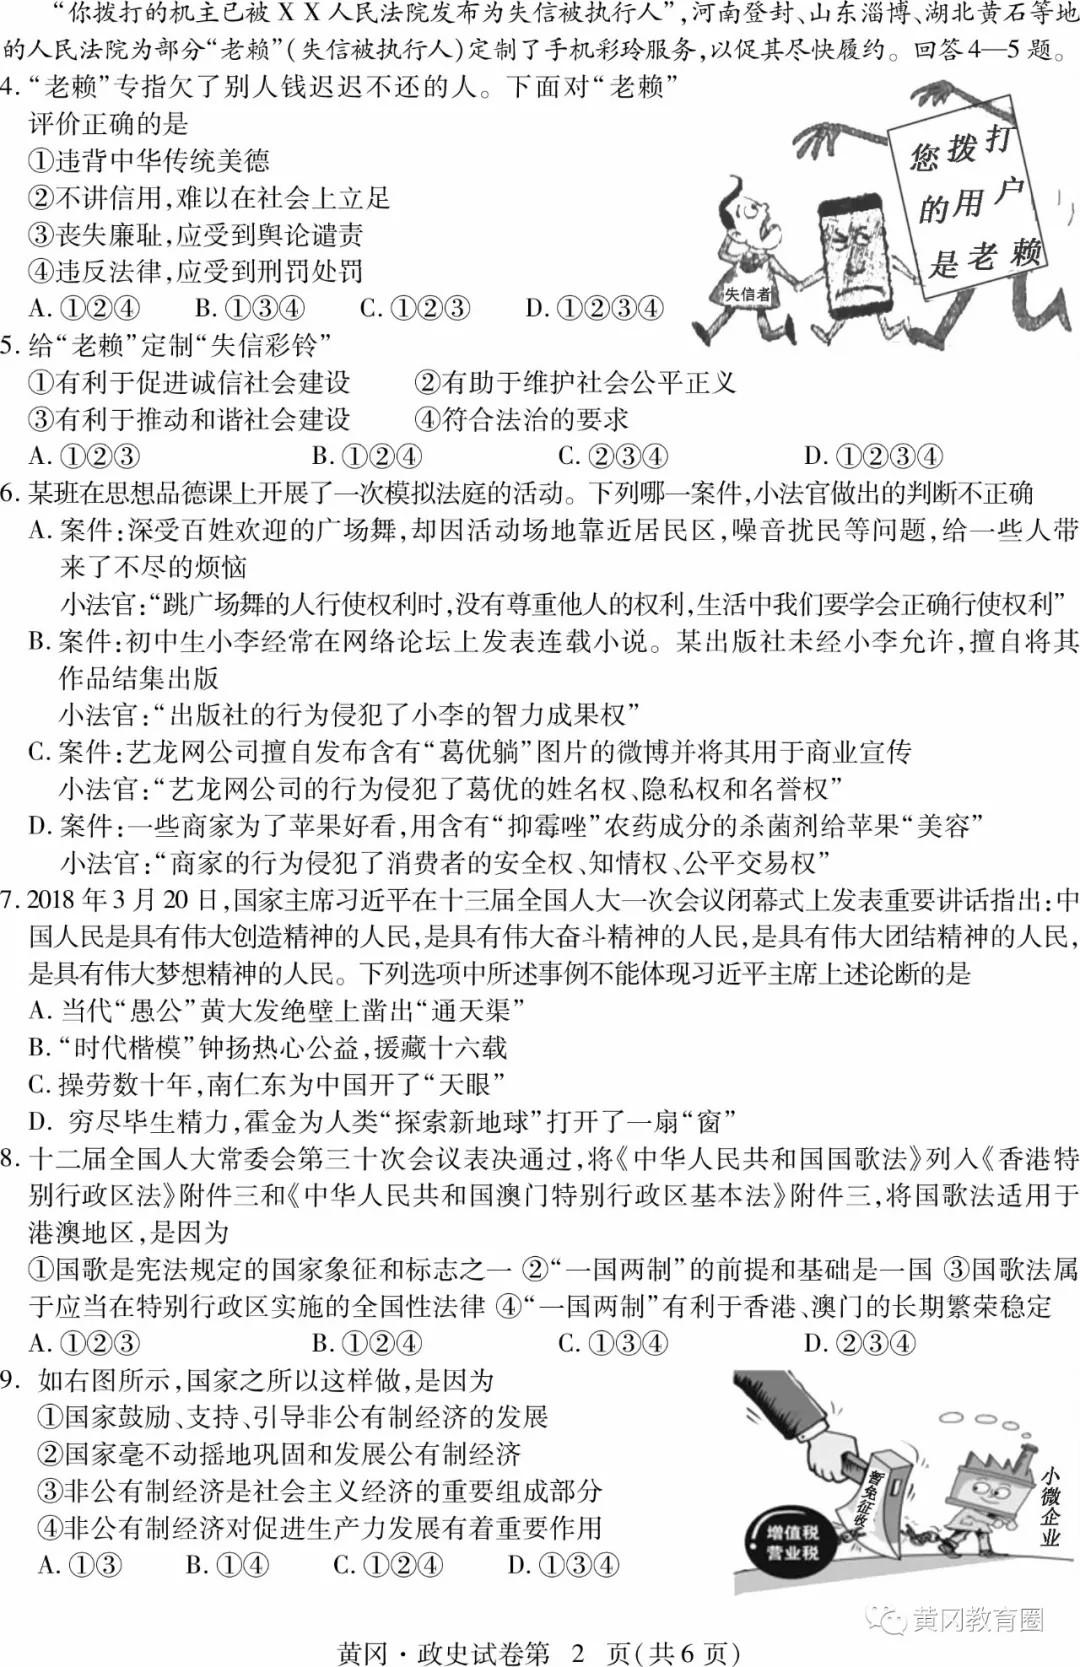 2018年湖北黄冈中考思想品德真题及答案已公布